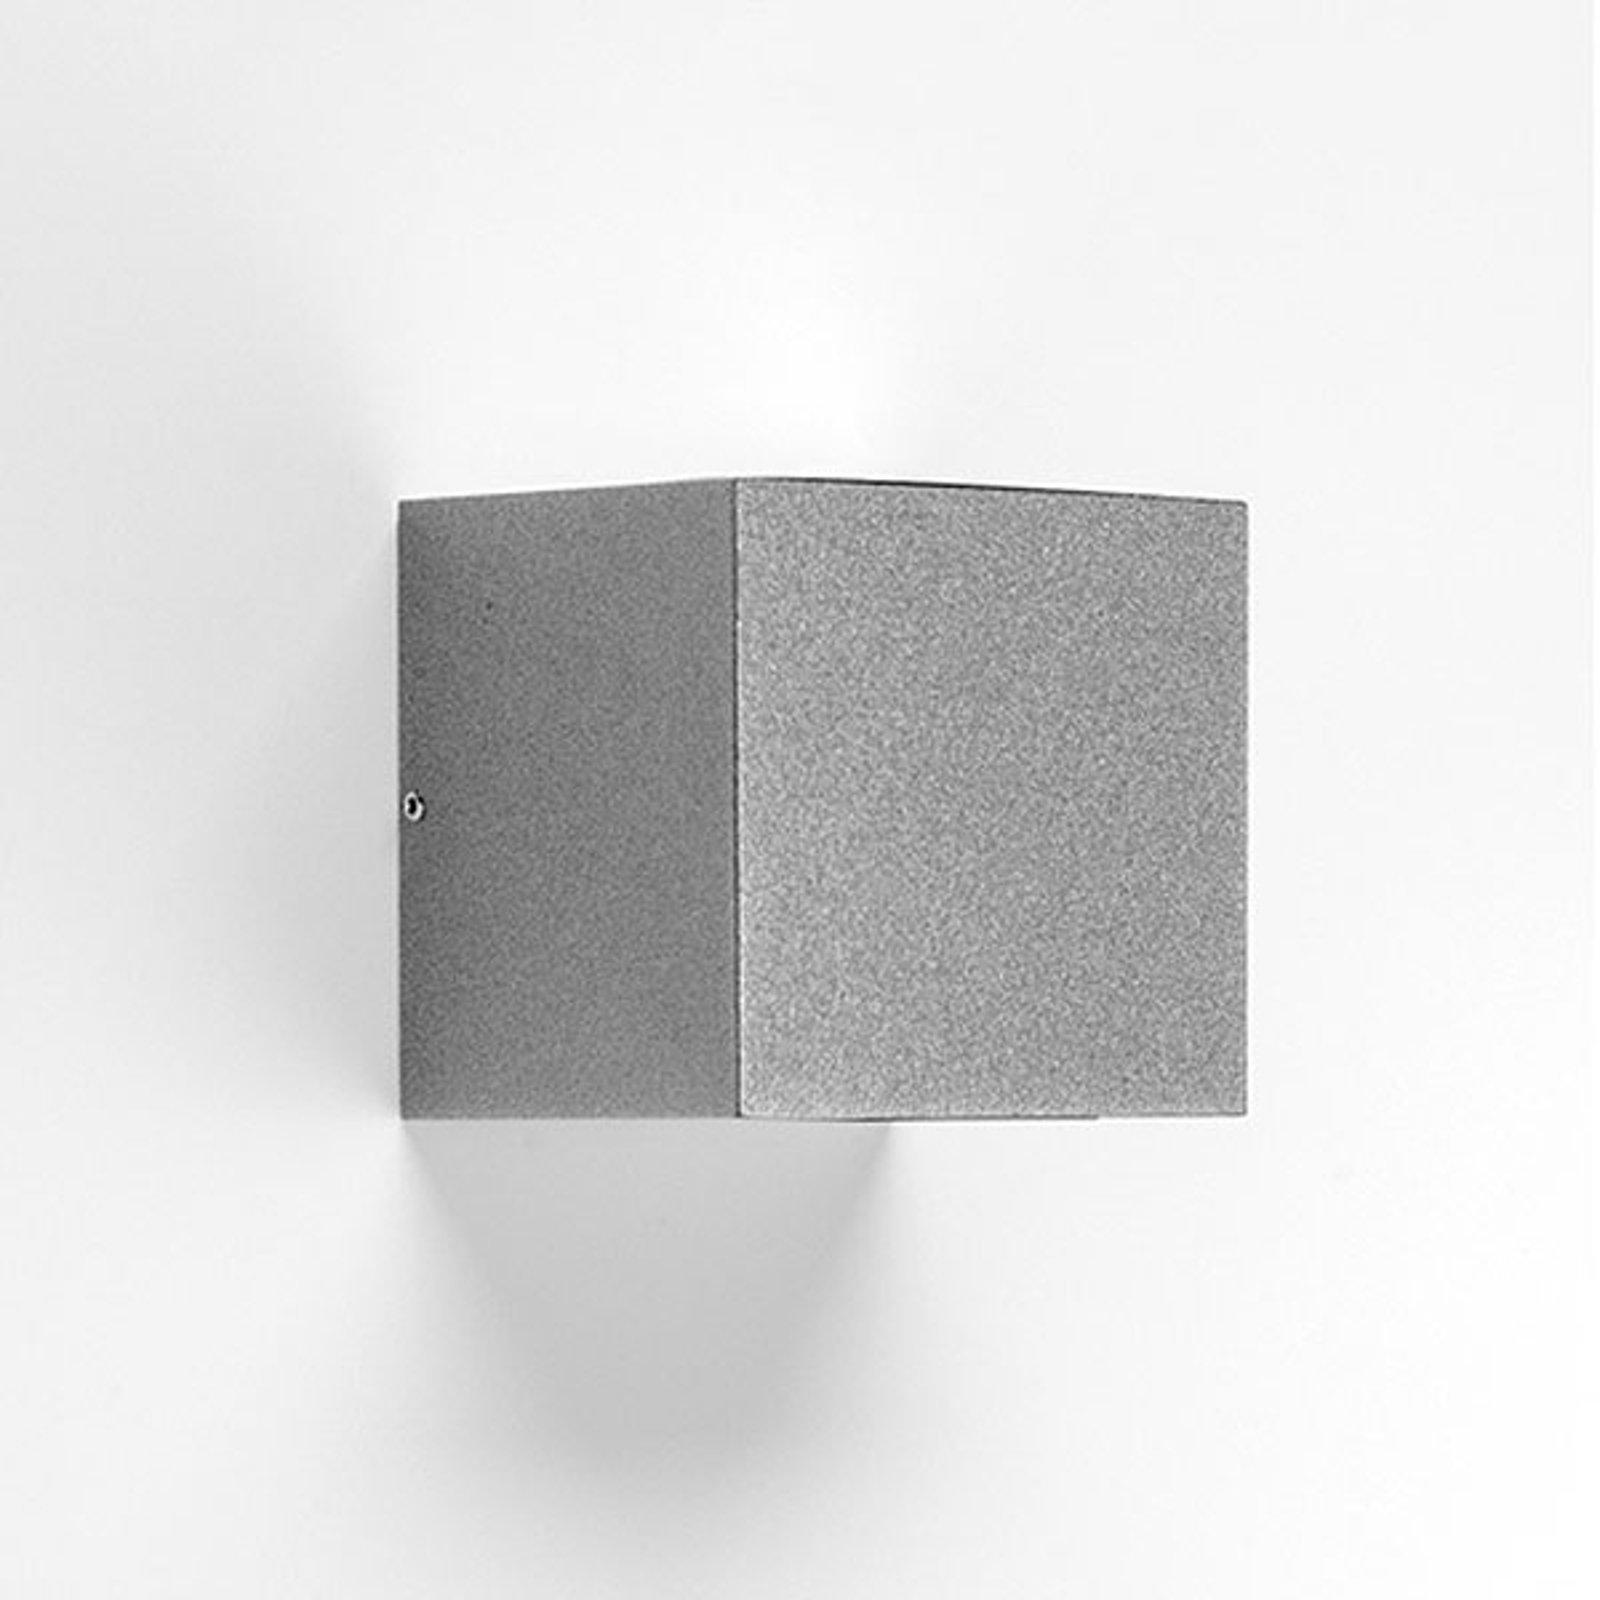 LED-vegglampe 303348 i grå, 4WB 3 000 K